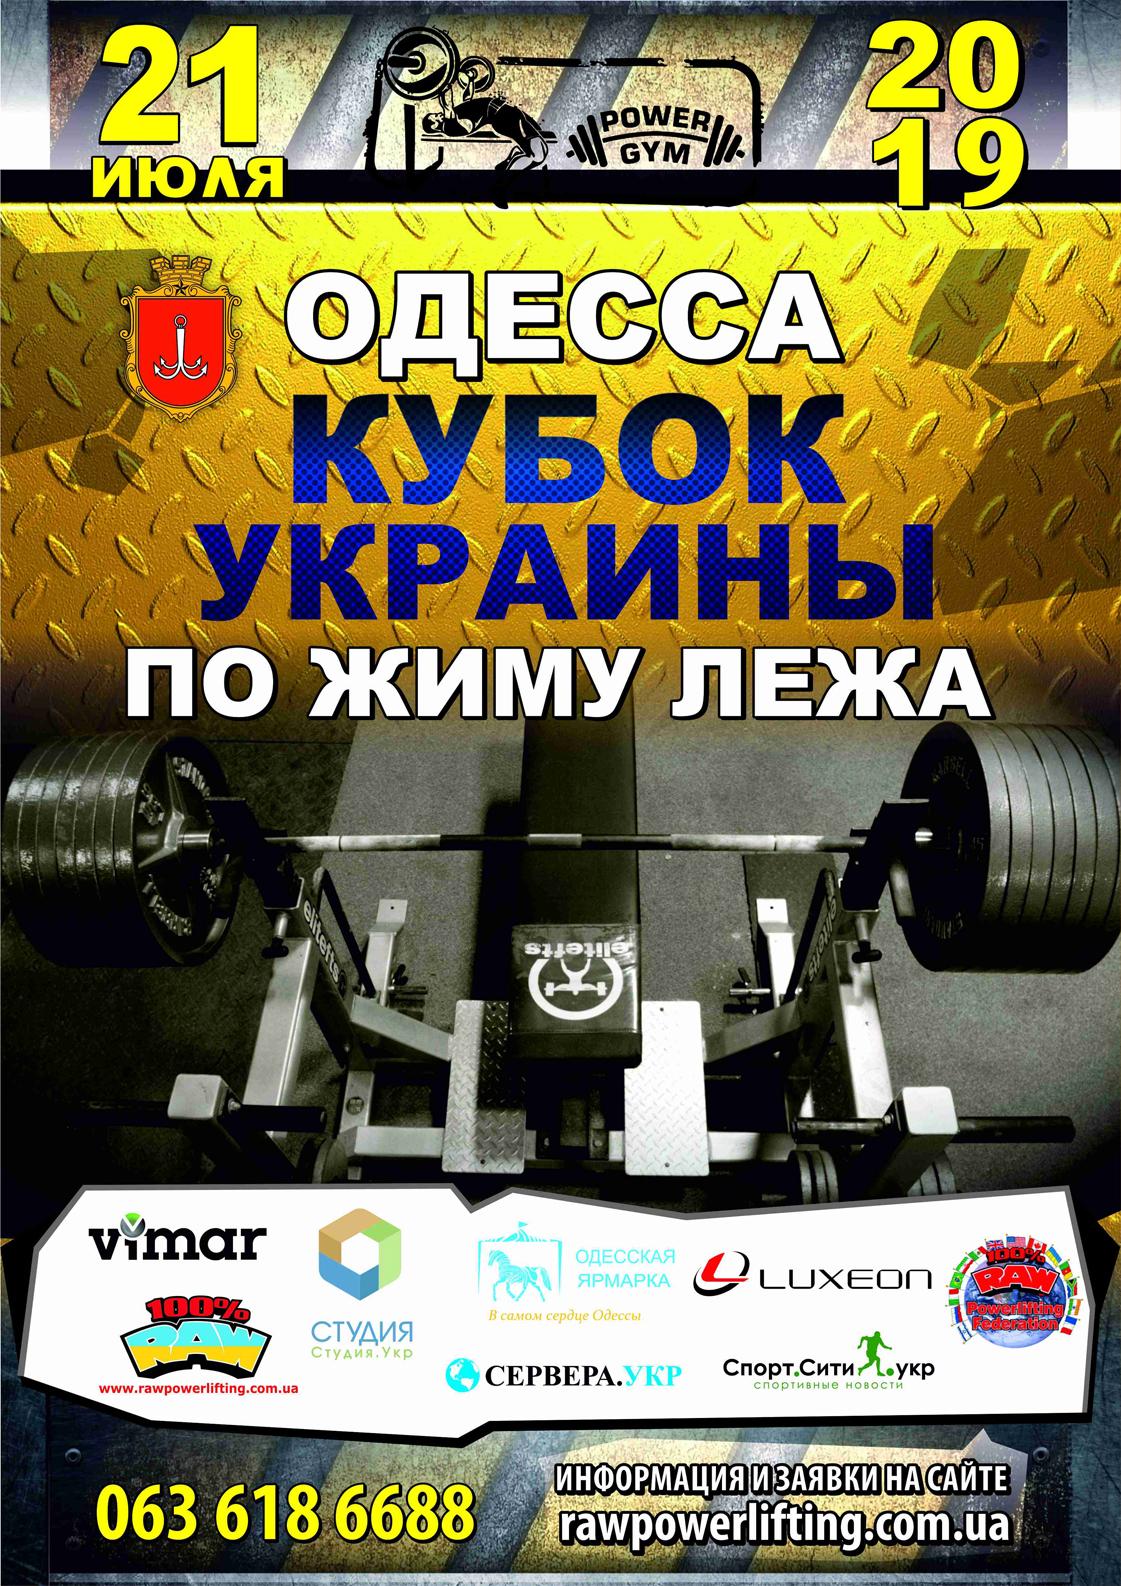 Кубок Украины по жиму лежа Одесса 2019